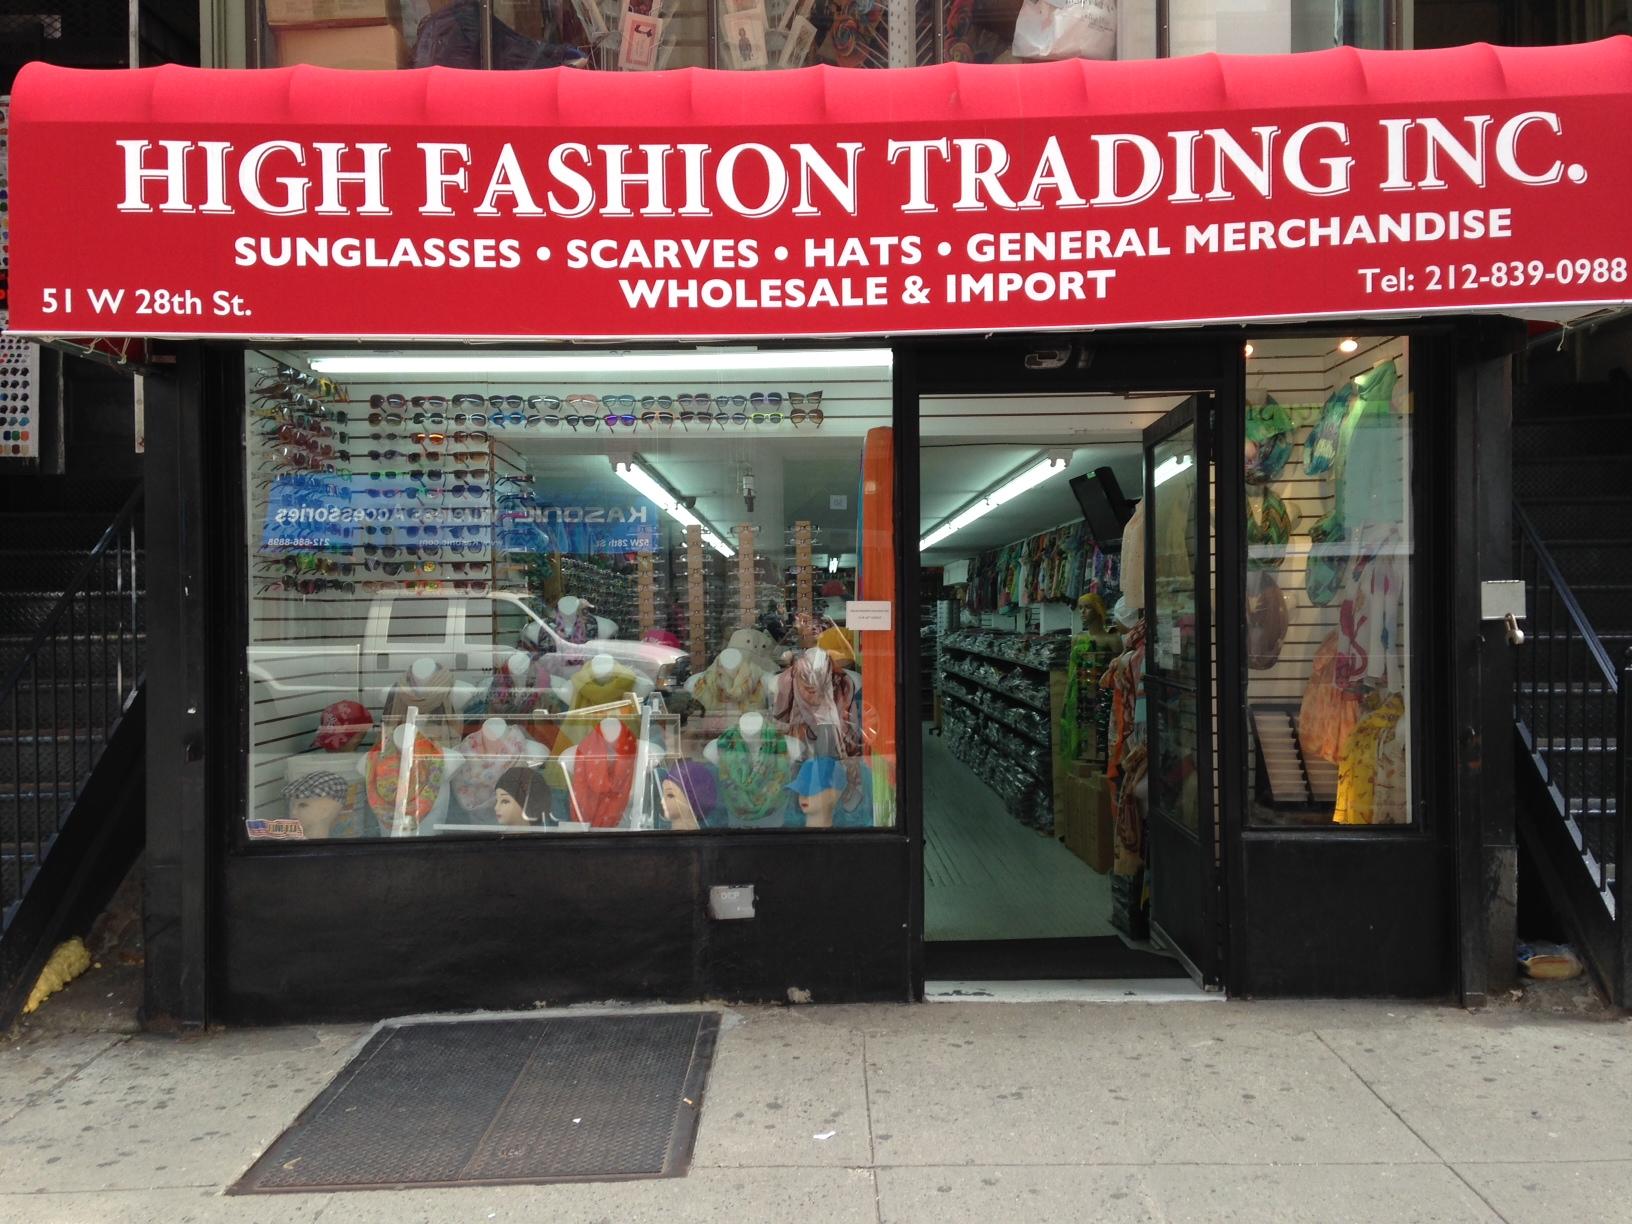 highfashiontrading-wholesalesunglasses.jpeg